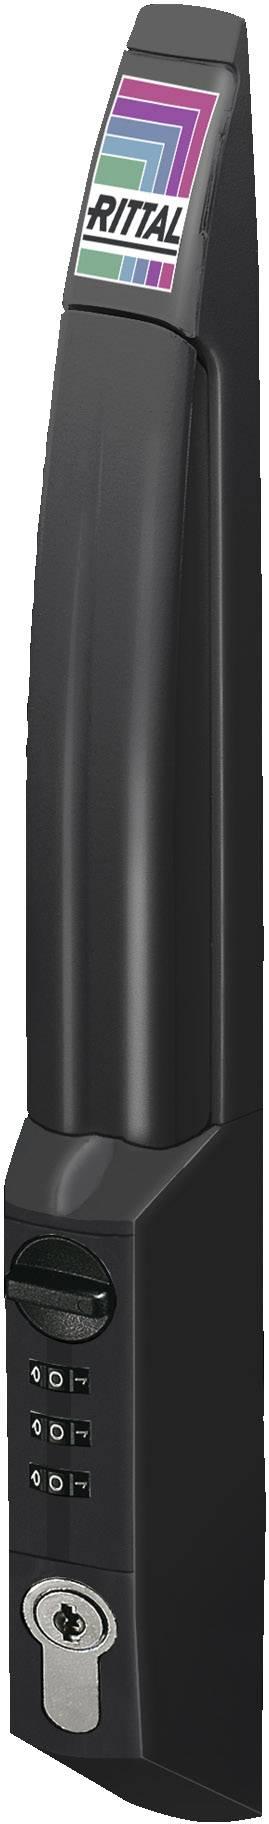 Bezpečnostná rukoväť Rittal DK 7200.801, umelá hmota, 1 ks